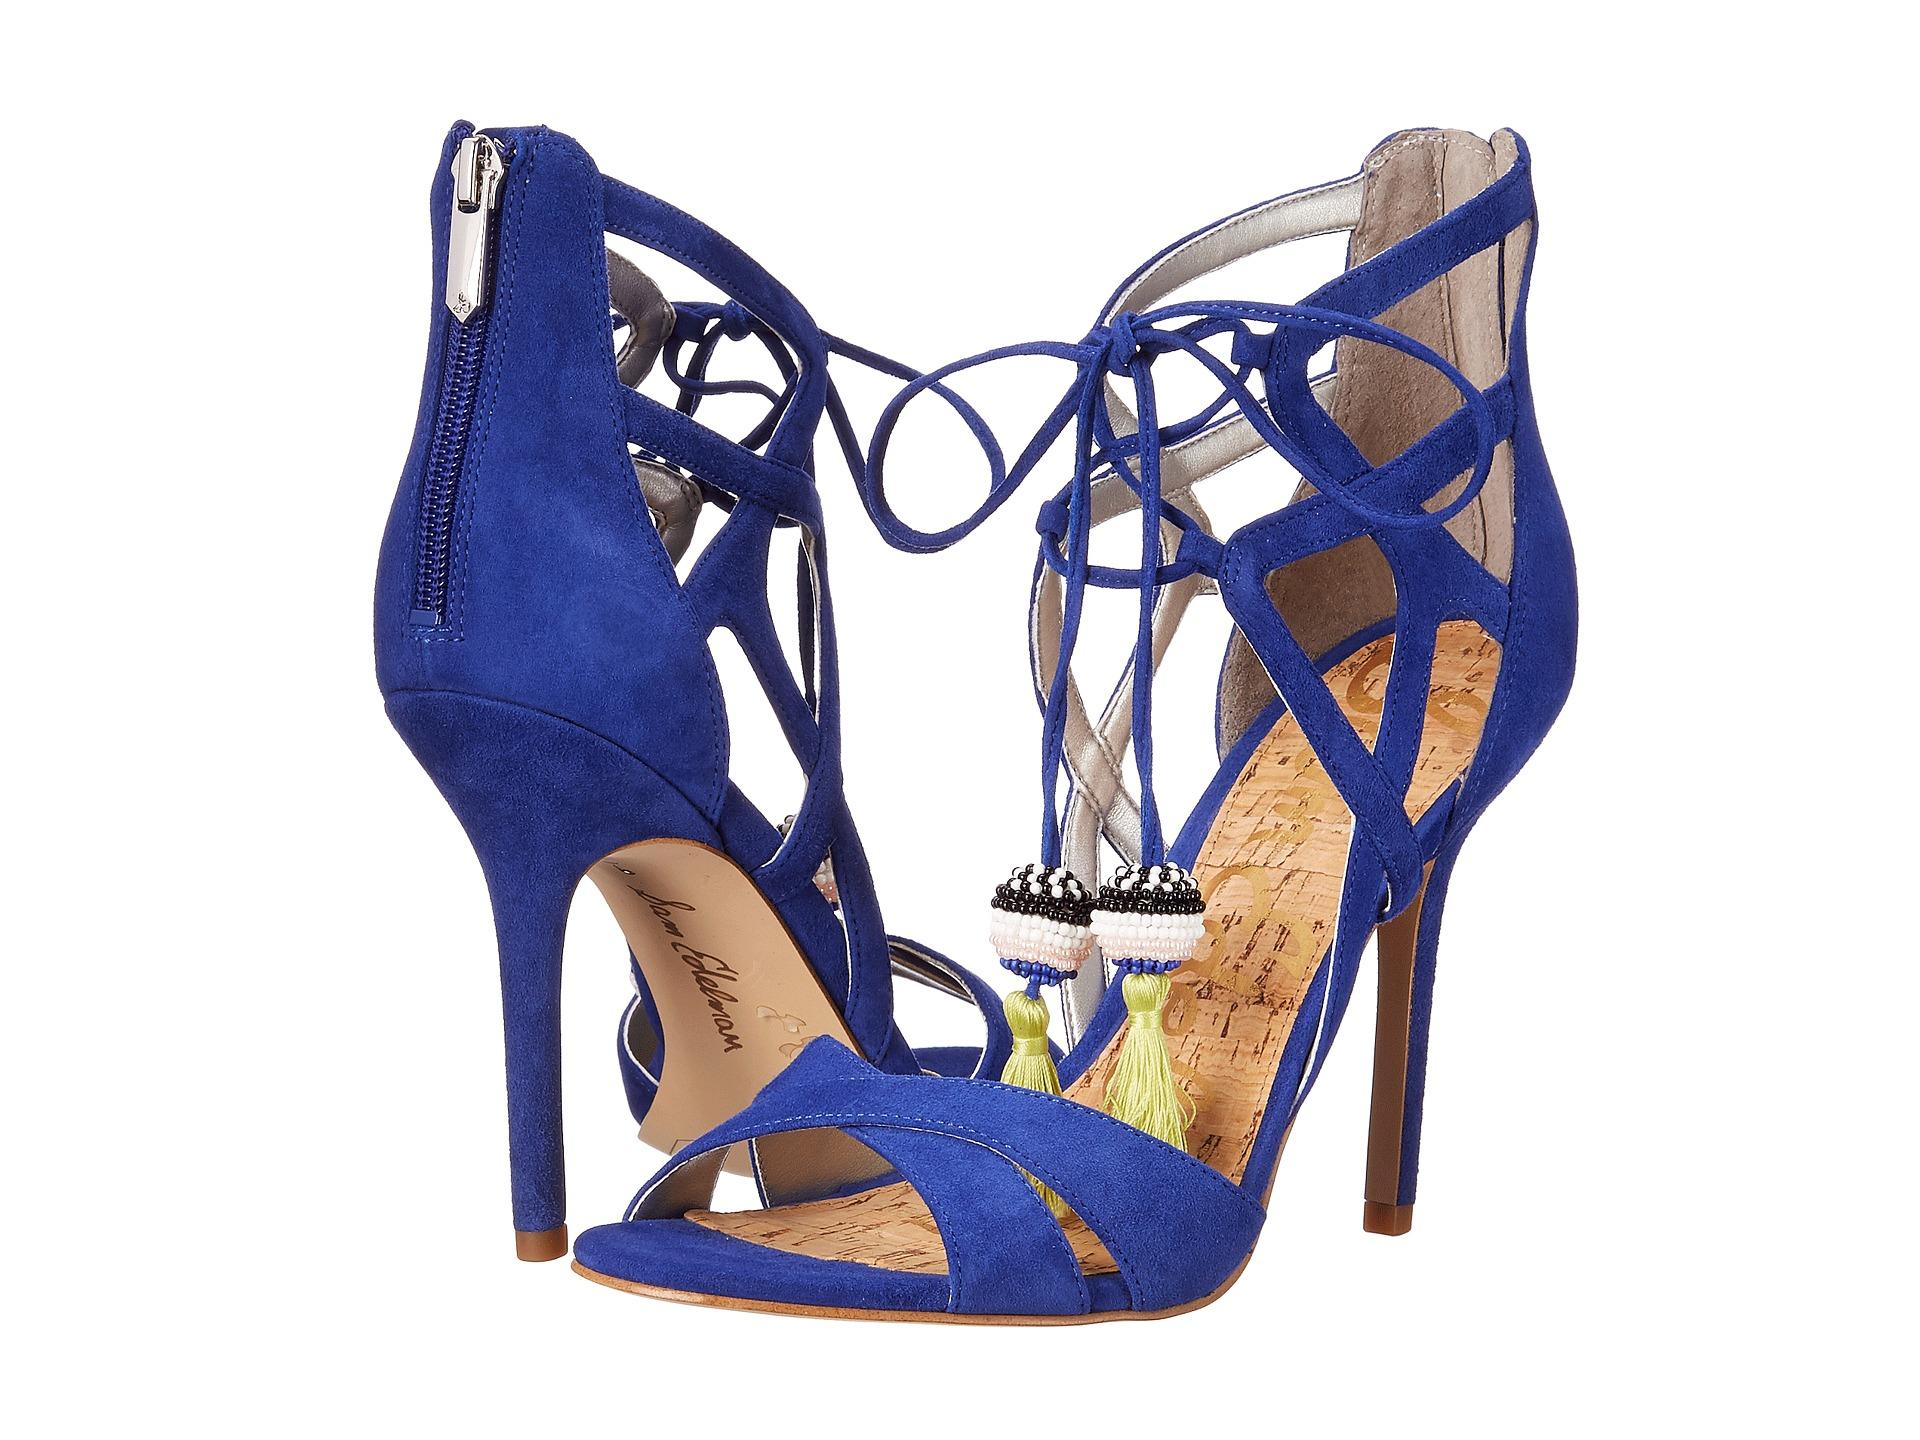 a45ac7ff2 Lyst - Sam Edelman Azela in Blue